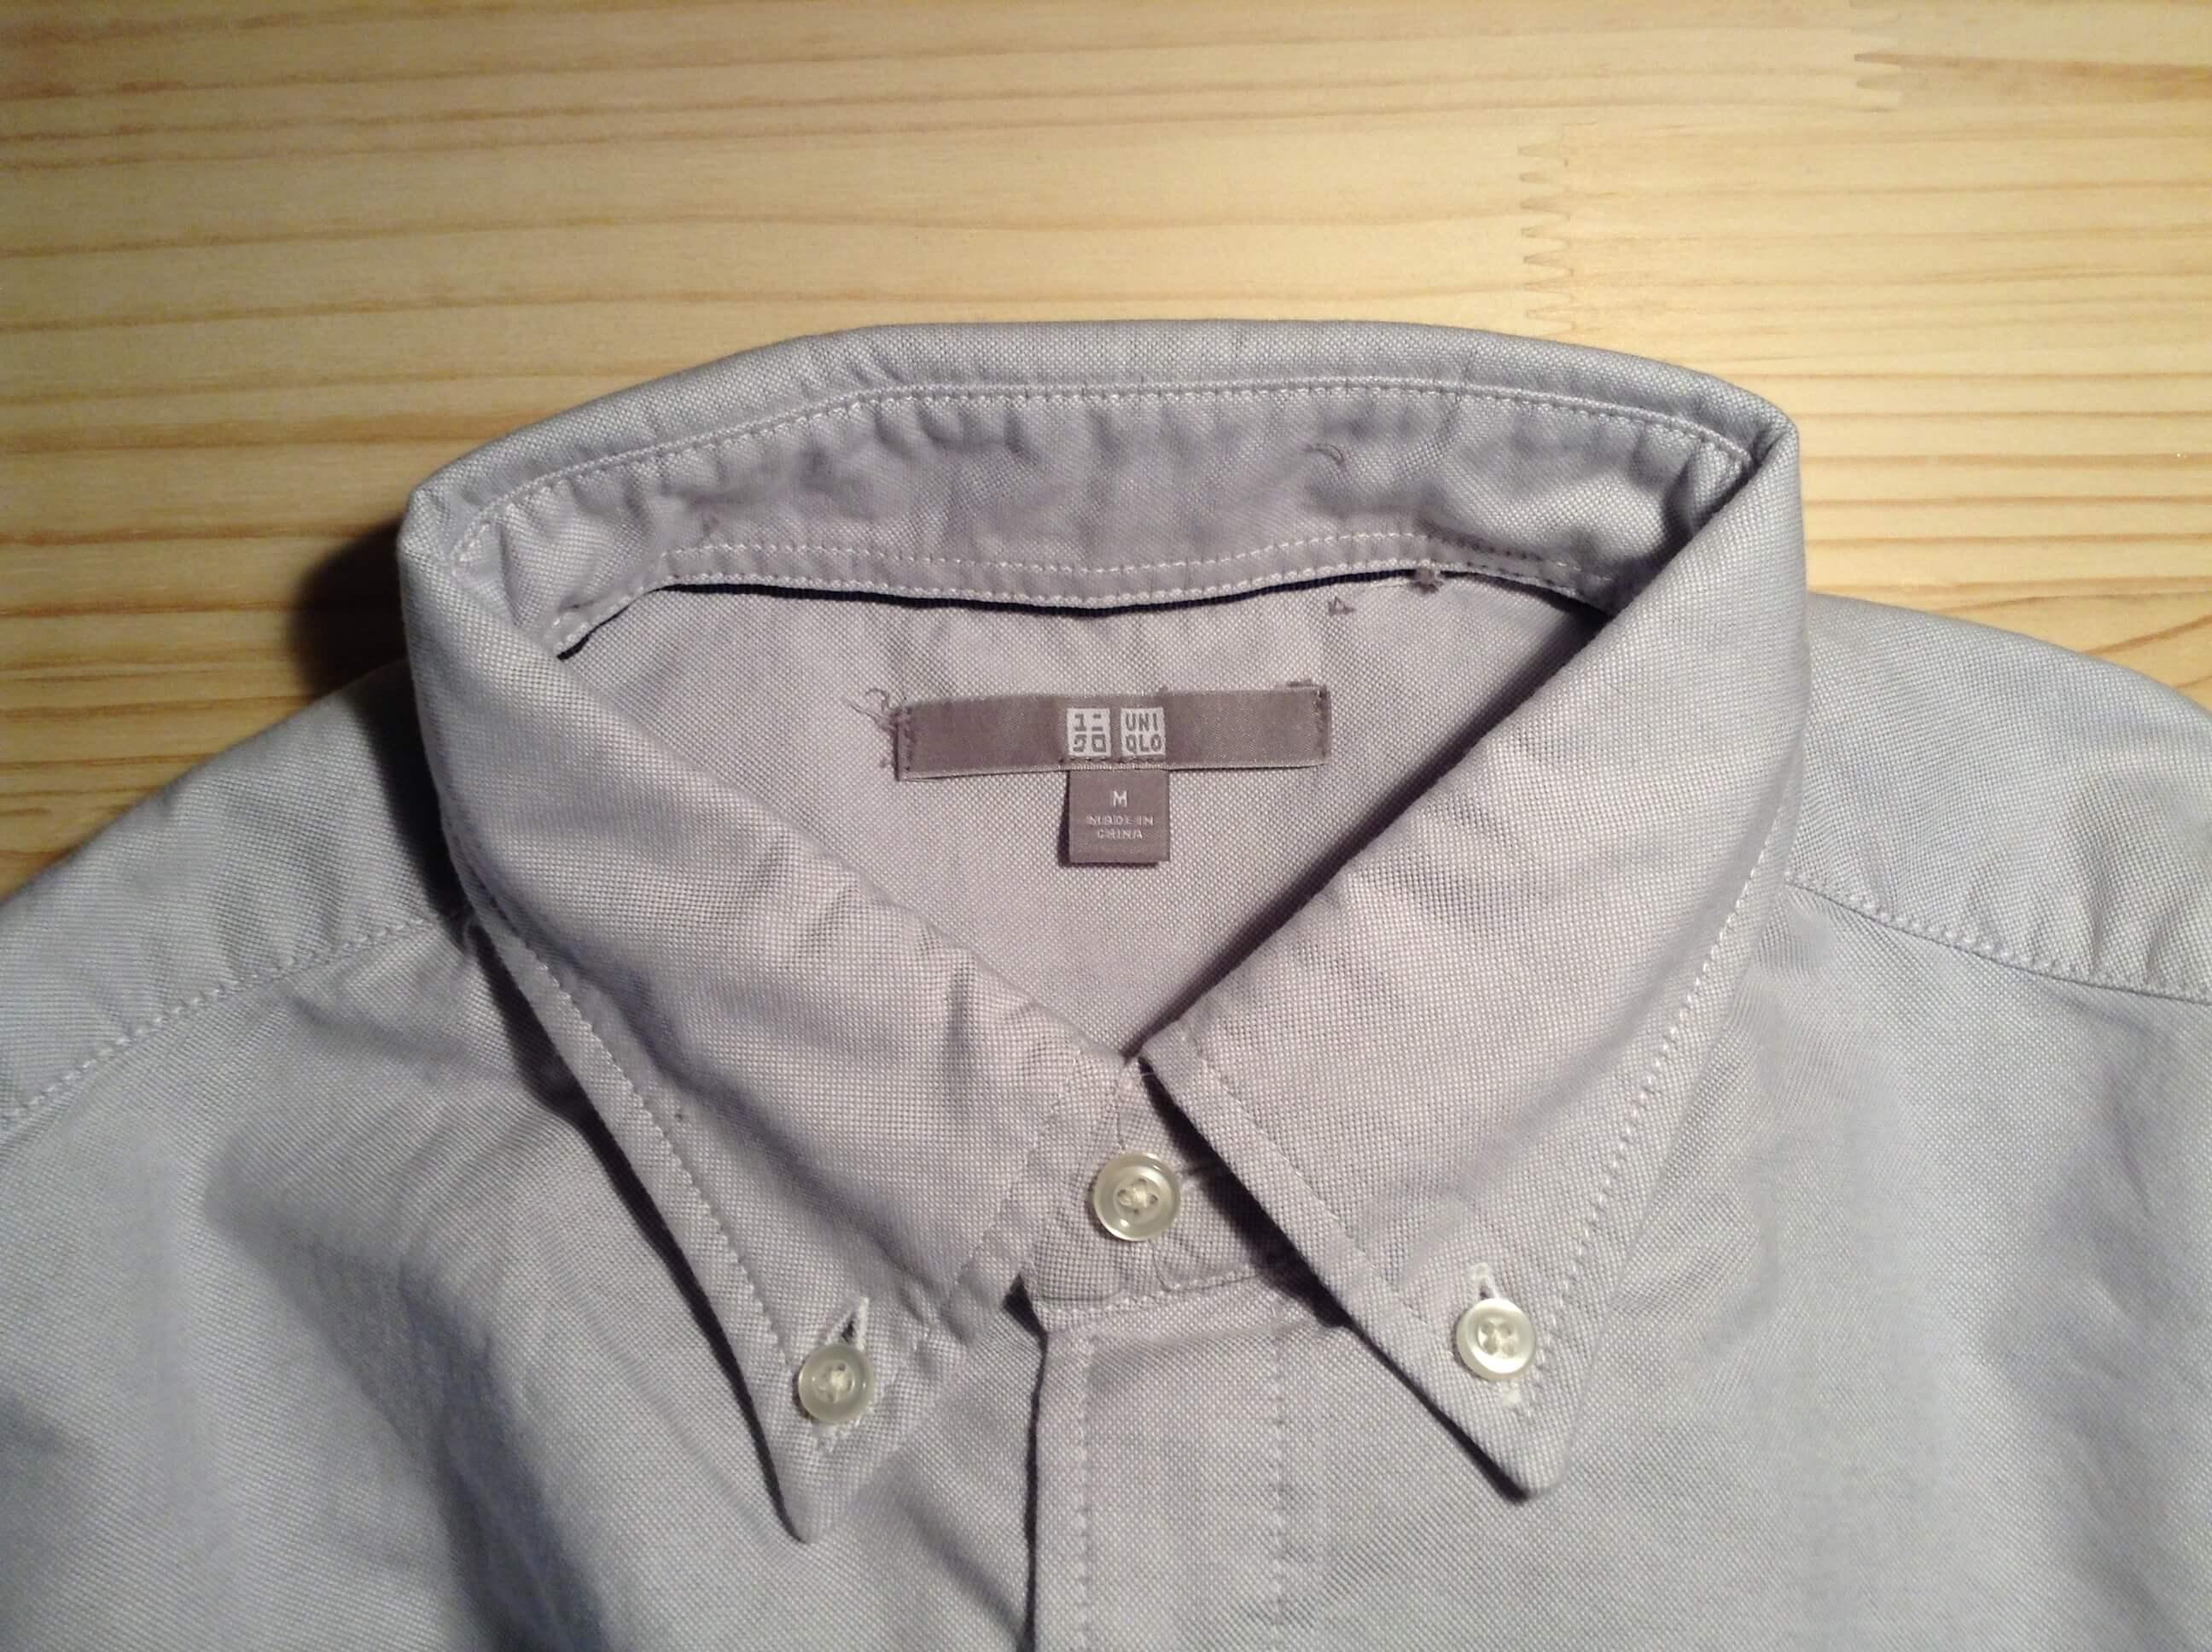 シャツ襟のタグ、どうにかならない?